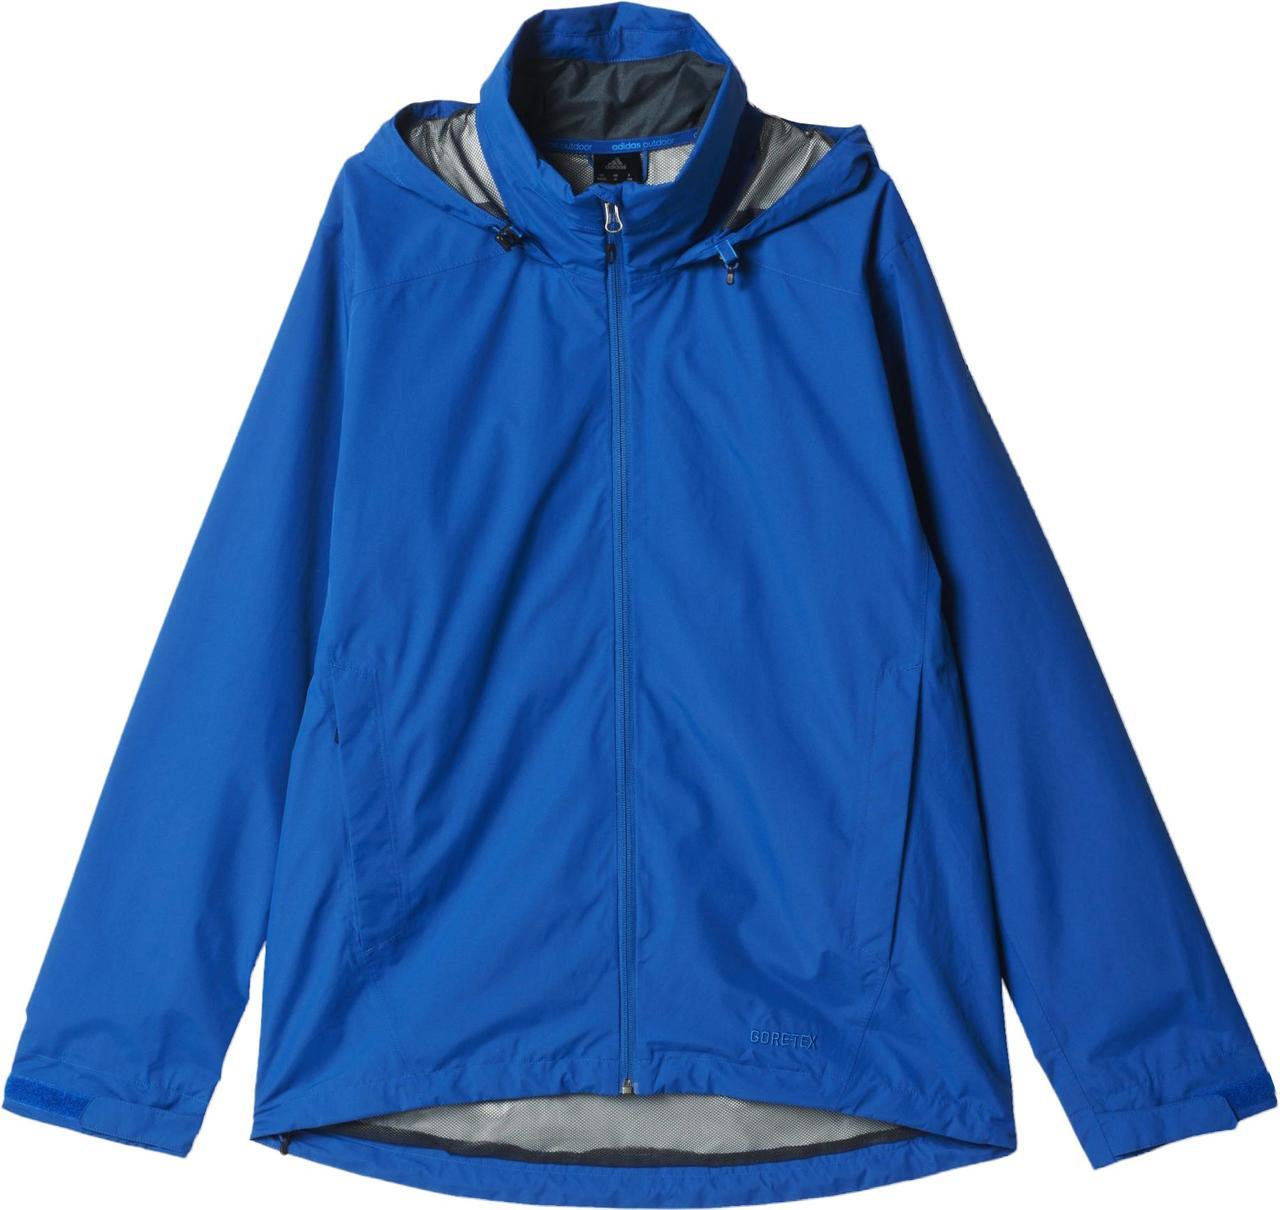 a2d97c13 Ветровка спортивная мужская adidas 2L GTX JKT AO2377 (синяя, непромокаемая,  непродуваемая, с логотипом адидас), цена 2 890 грн., купить Червоноград ...